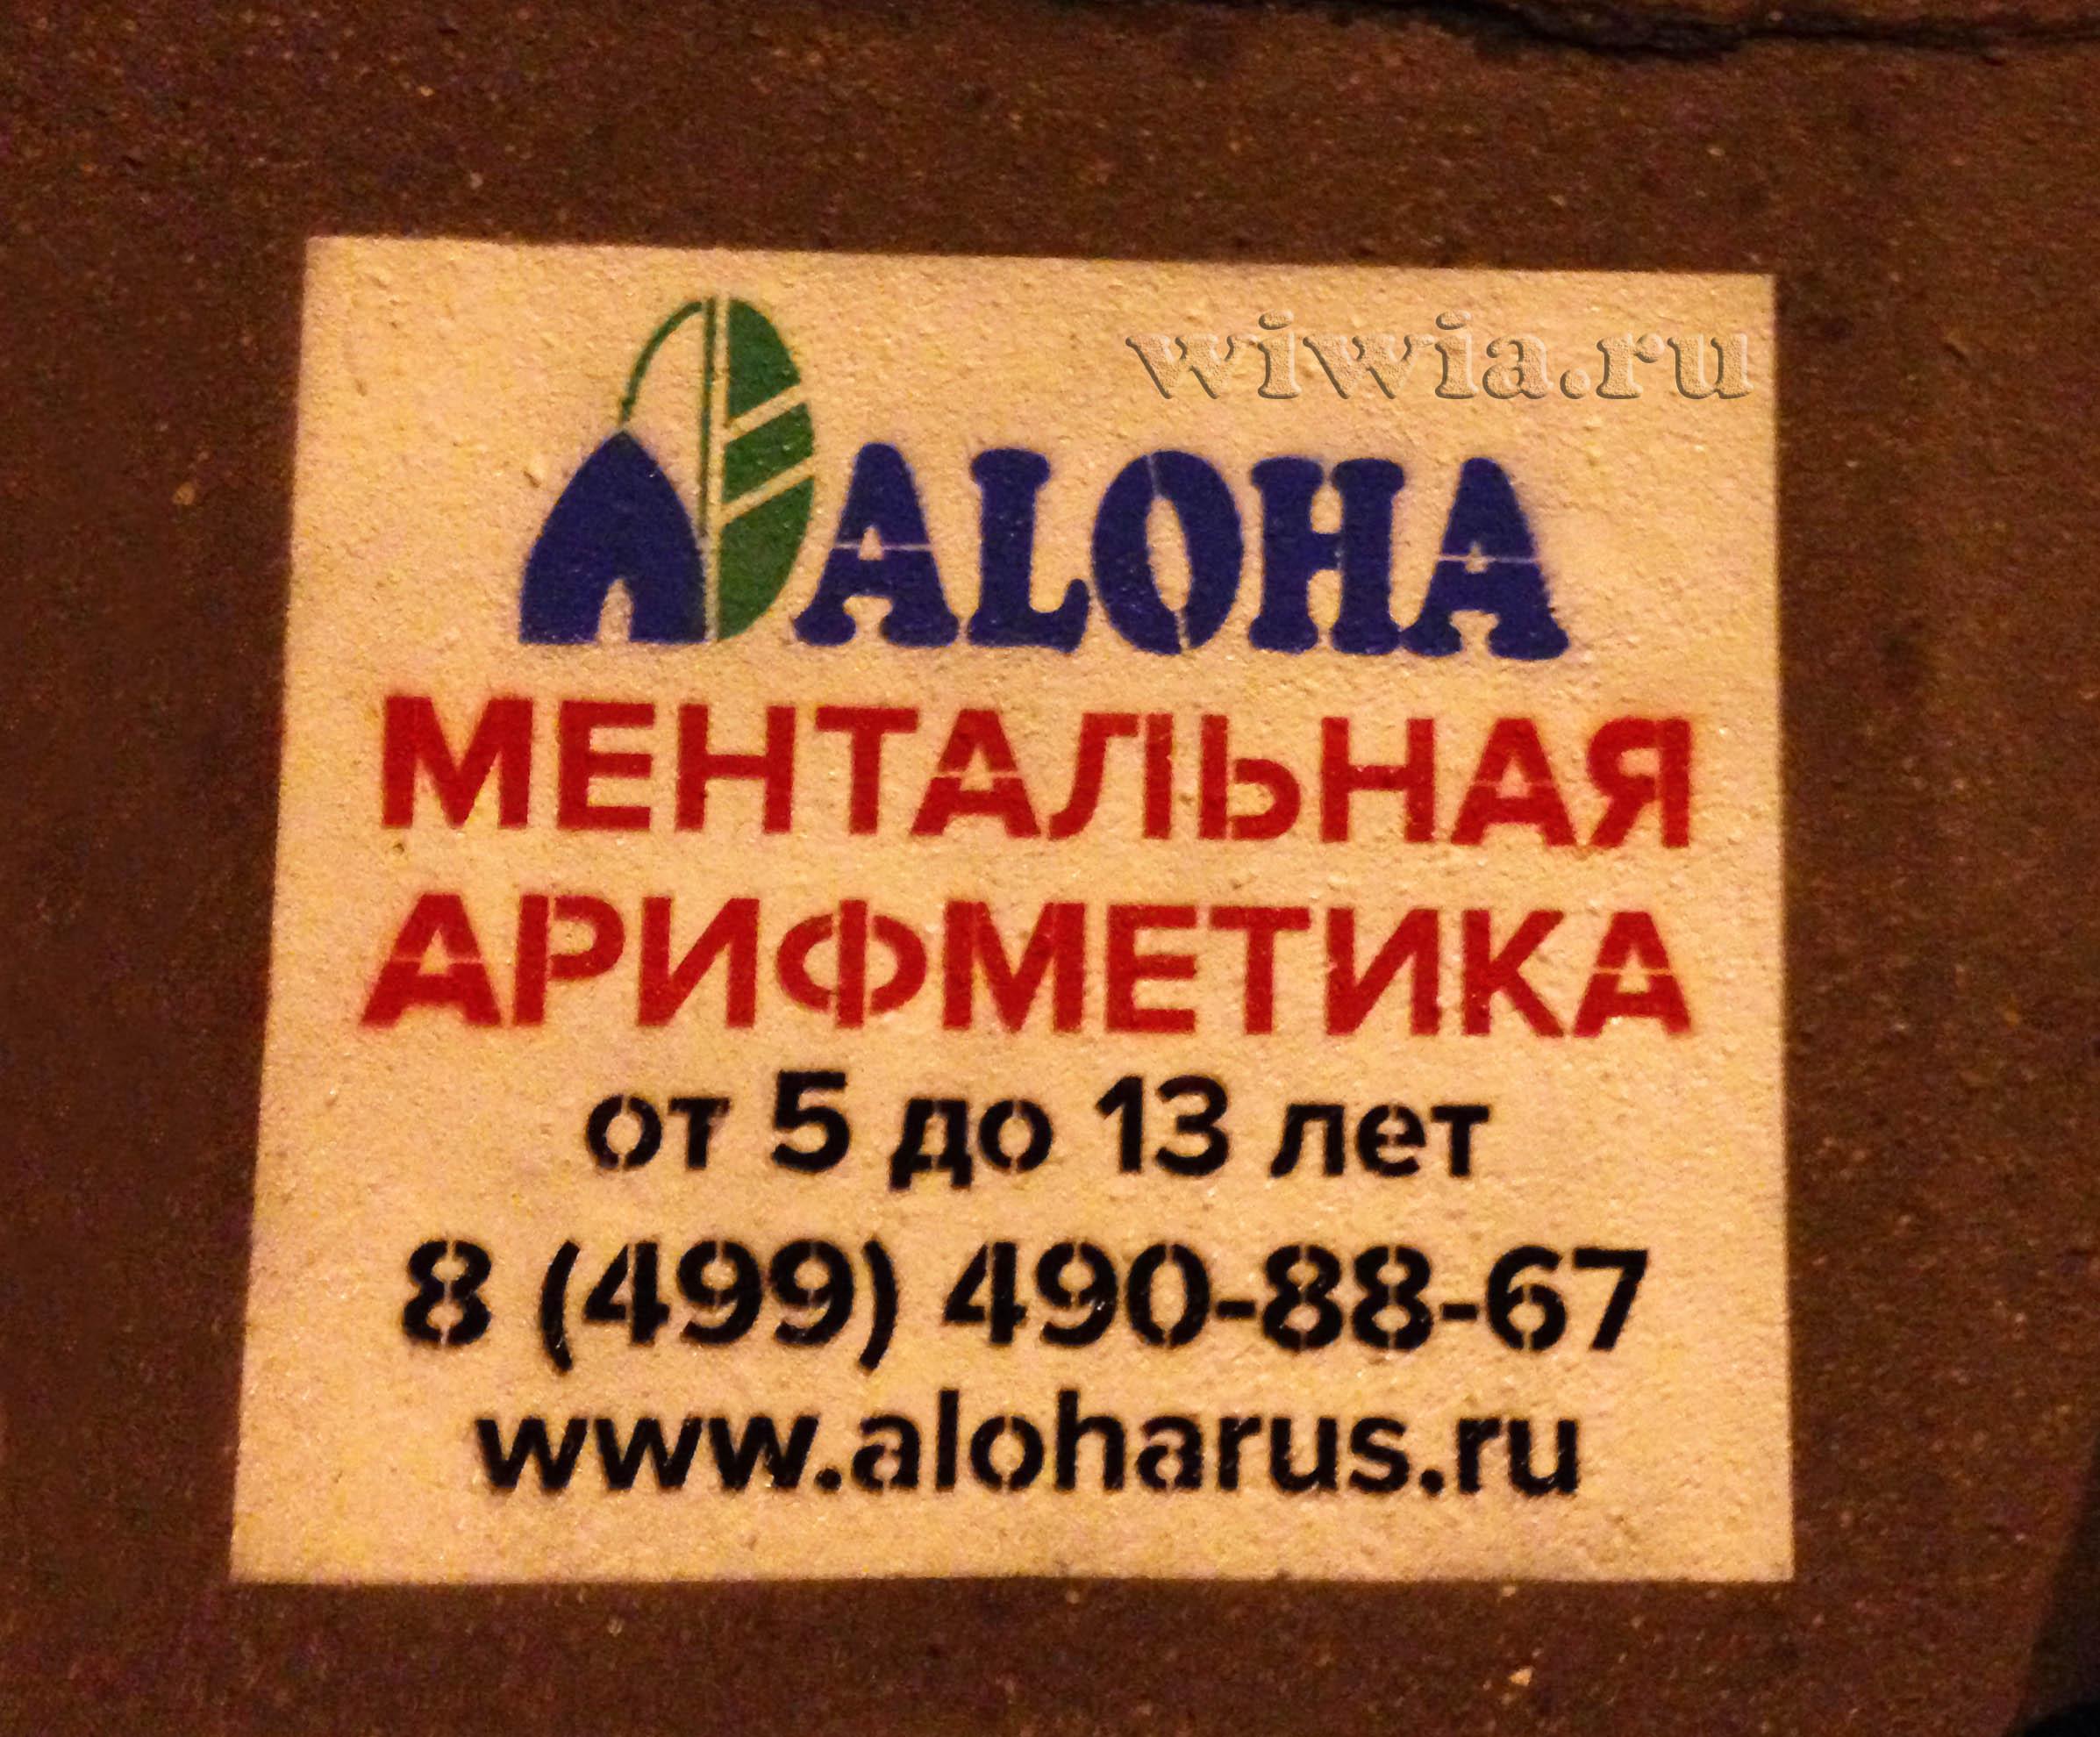 Реклама на асфальте. ALOHA.